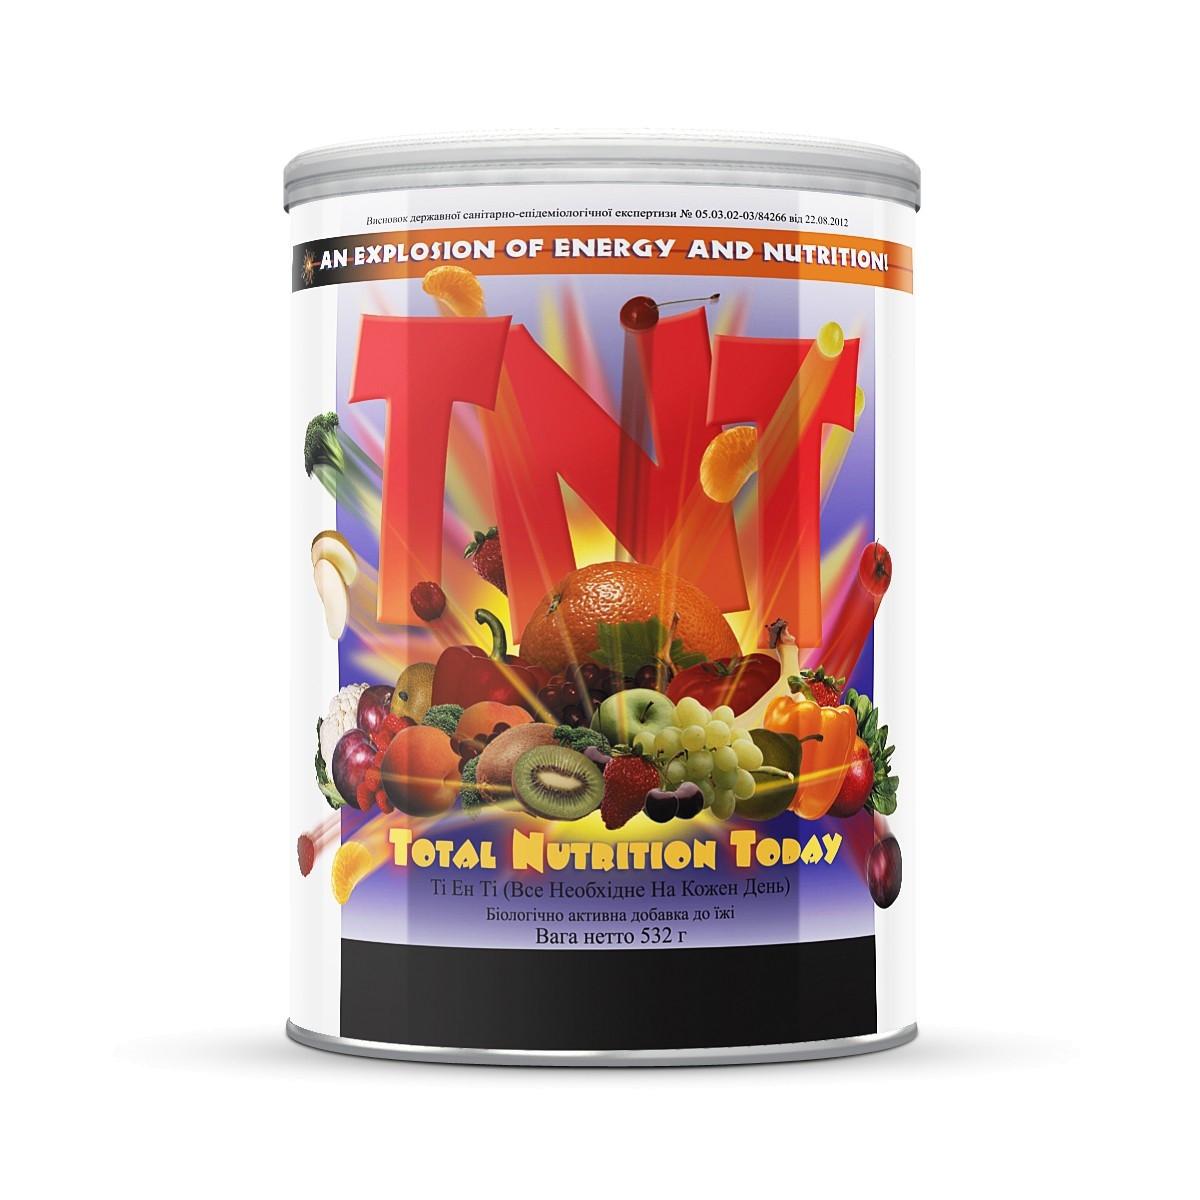 ТИ ЭН ТИ  бад НСП - витаминный коктейль для энергии и бодрости, при беременности.